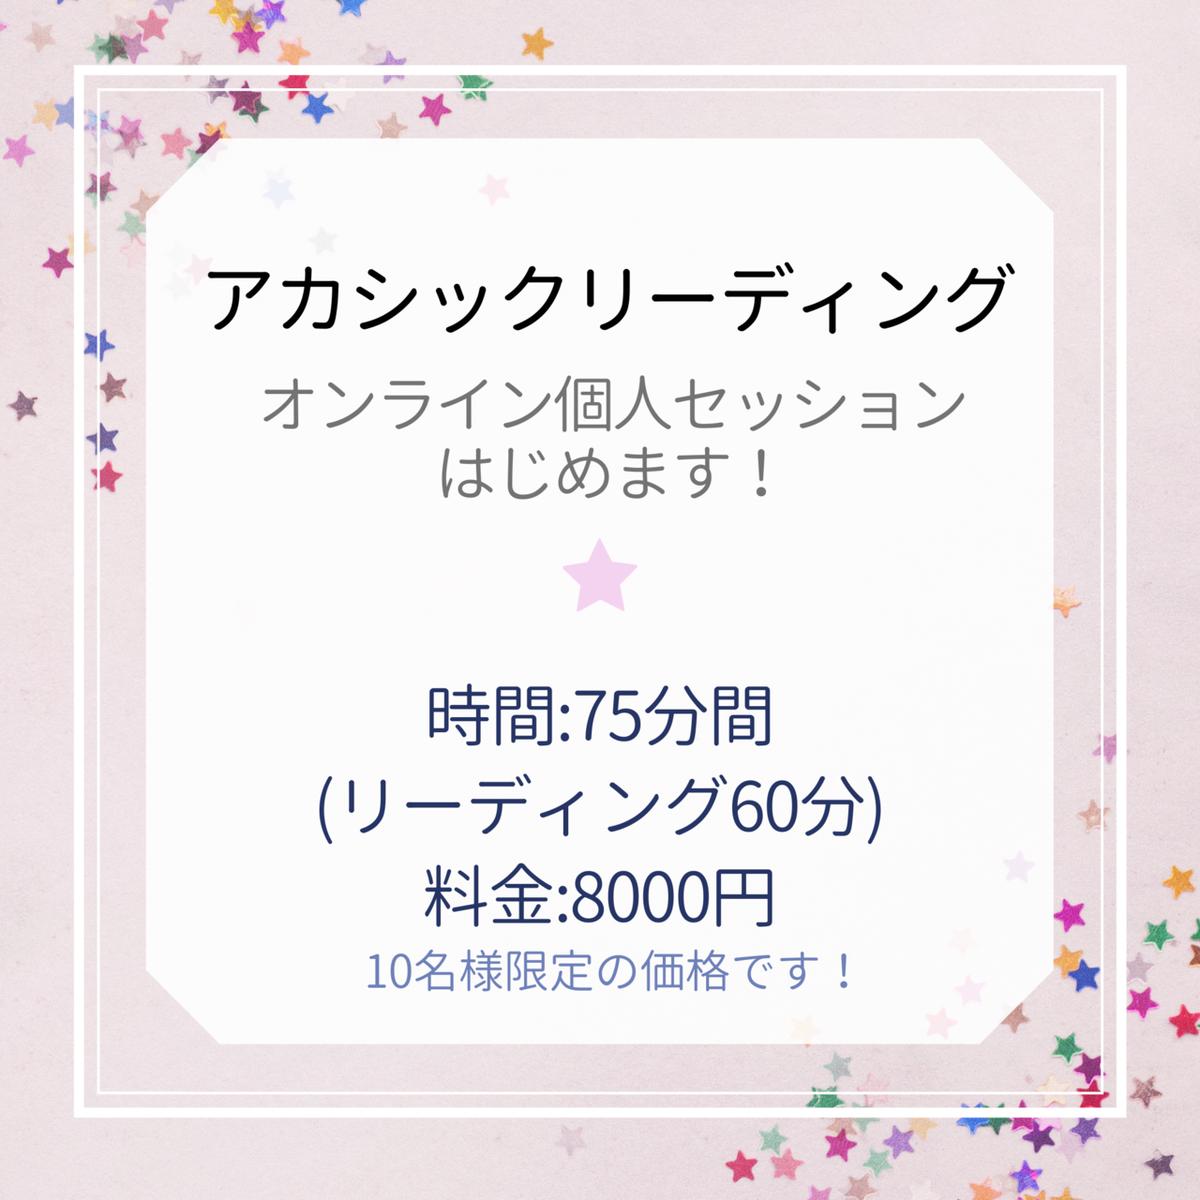 f:id:SUGICOO:20200718102541p:plain